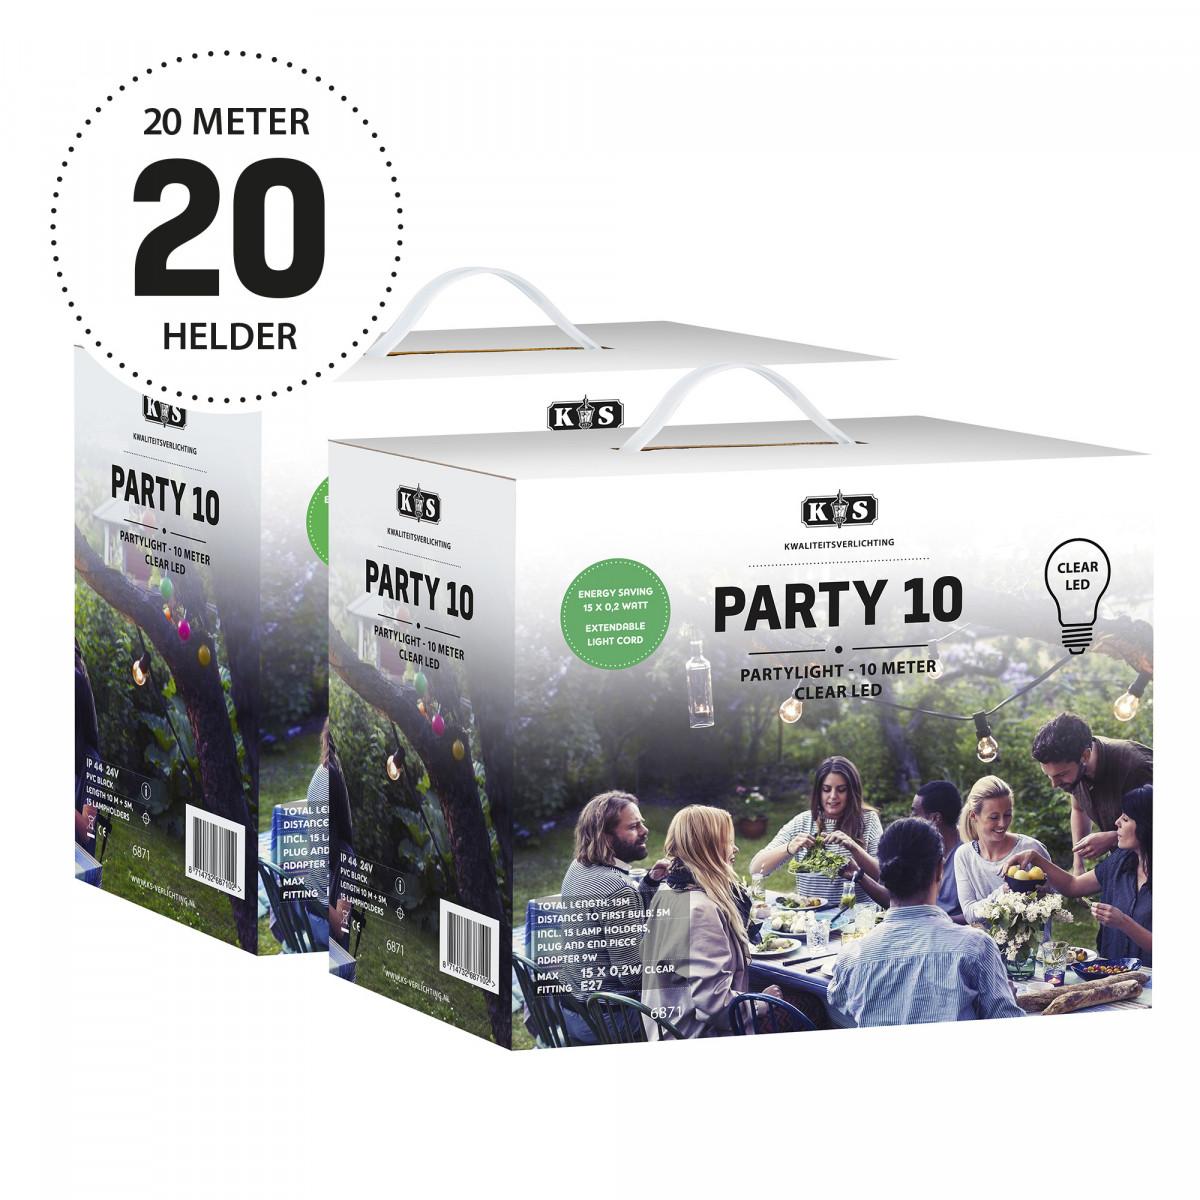 Lichtsnoer LED Party helder 20 meter / 30 Bolletjes